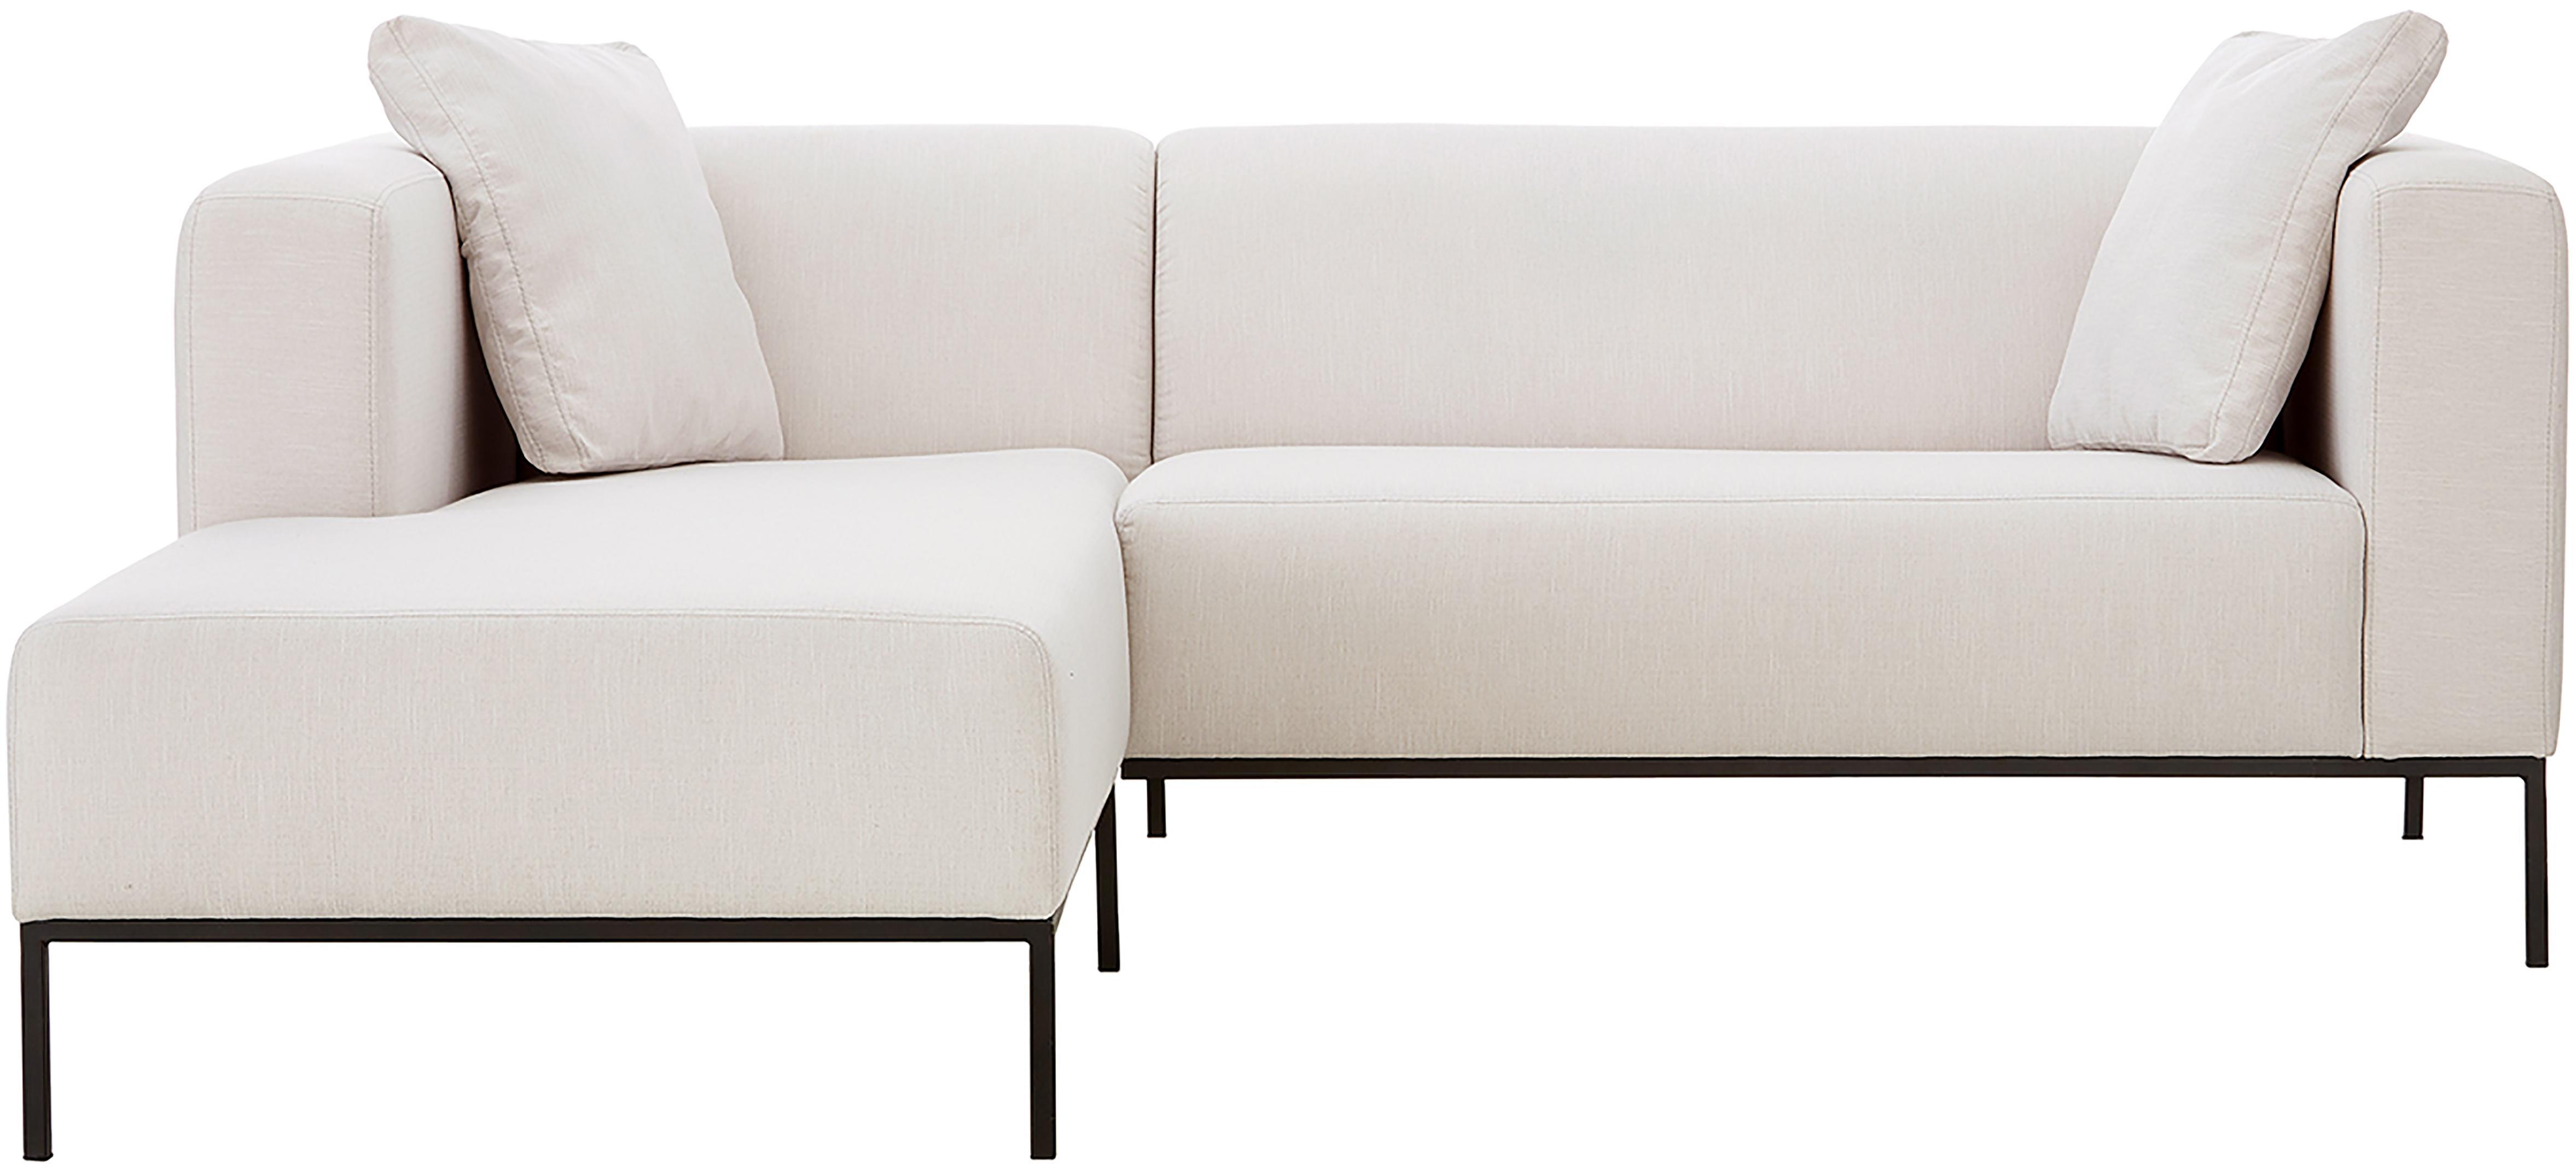 Ecksofa Carrie, Bezug: Polyester 50.000 Scheuert, Gestell: Spanholz, Hartfaserplatte, Füße: Metall, lackiert, Webstoff Beige, B 222 x T 180 cm